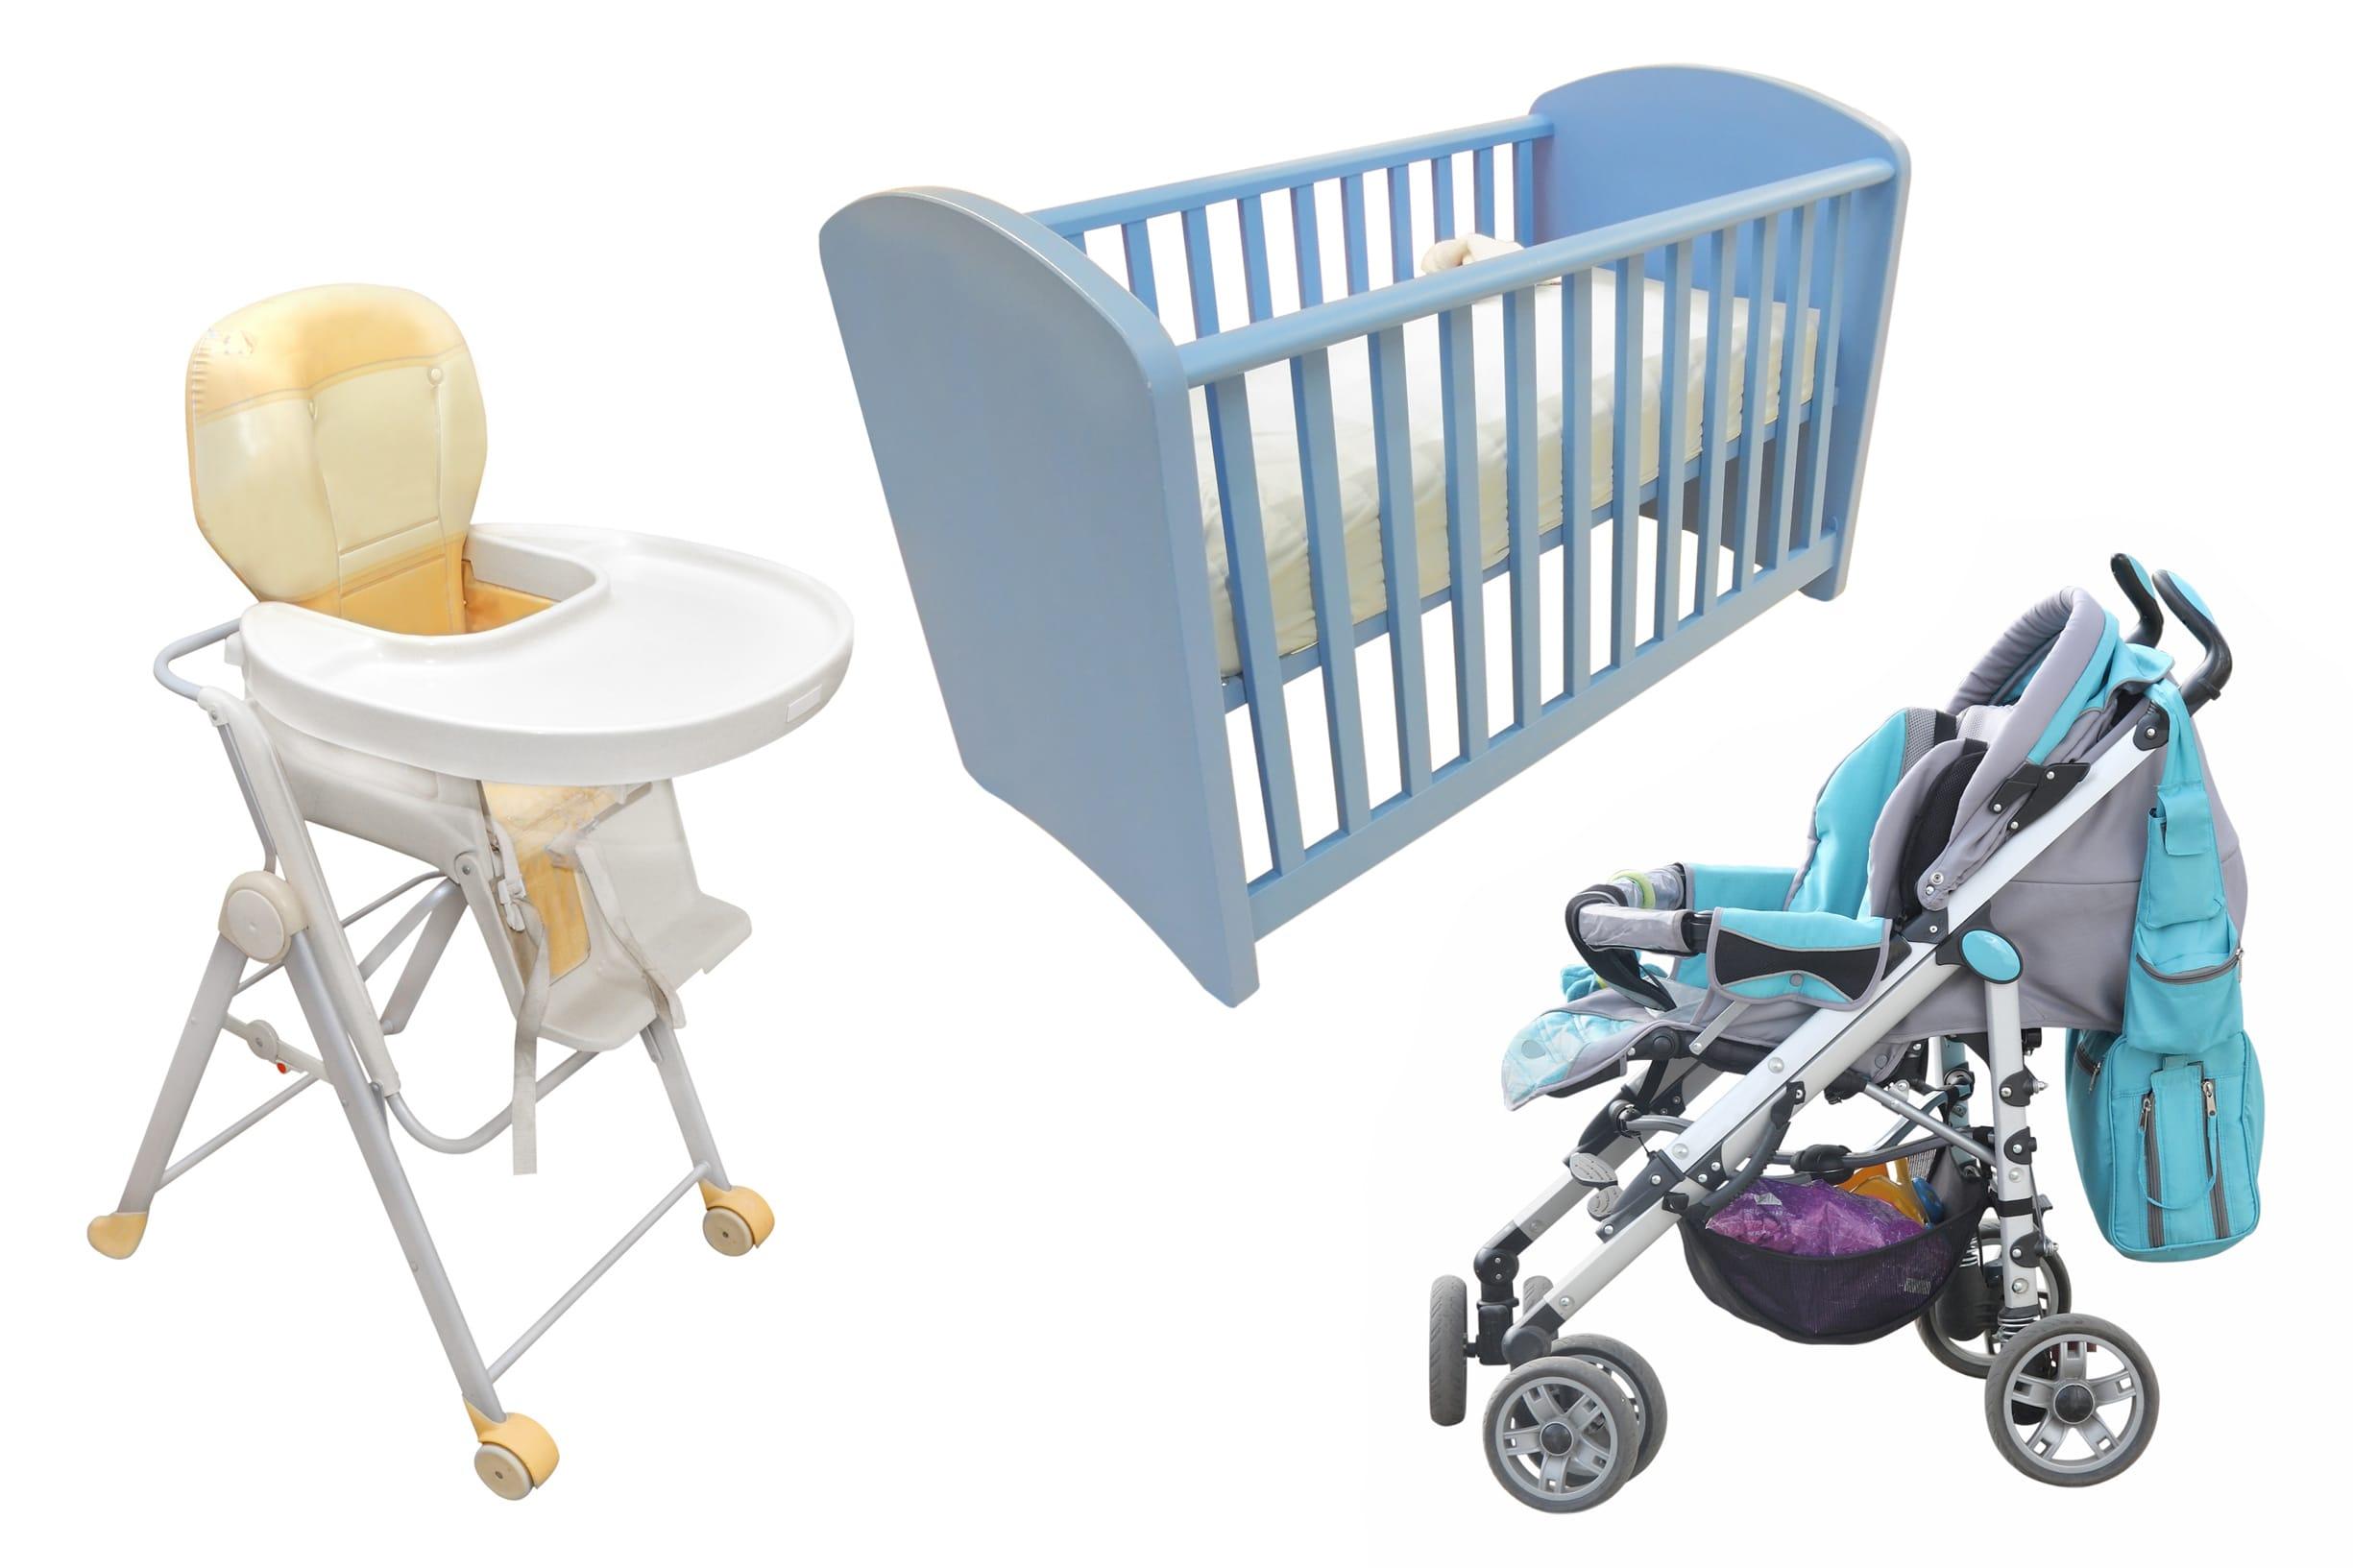 Cosa serve veramente a un neonato? Scopriamolo insieme - Non Sprecare